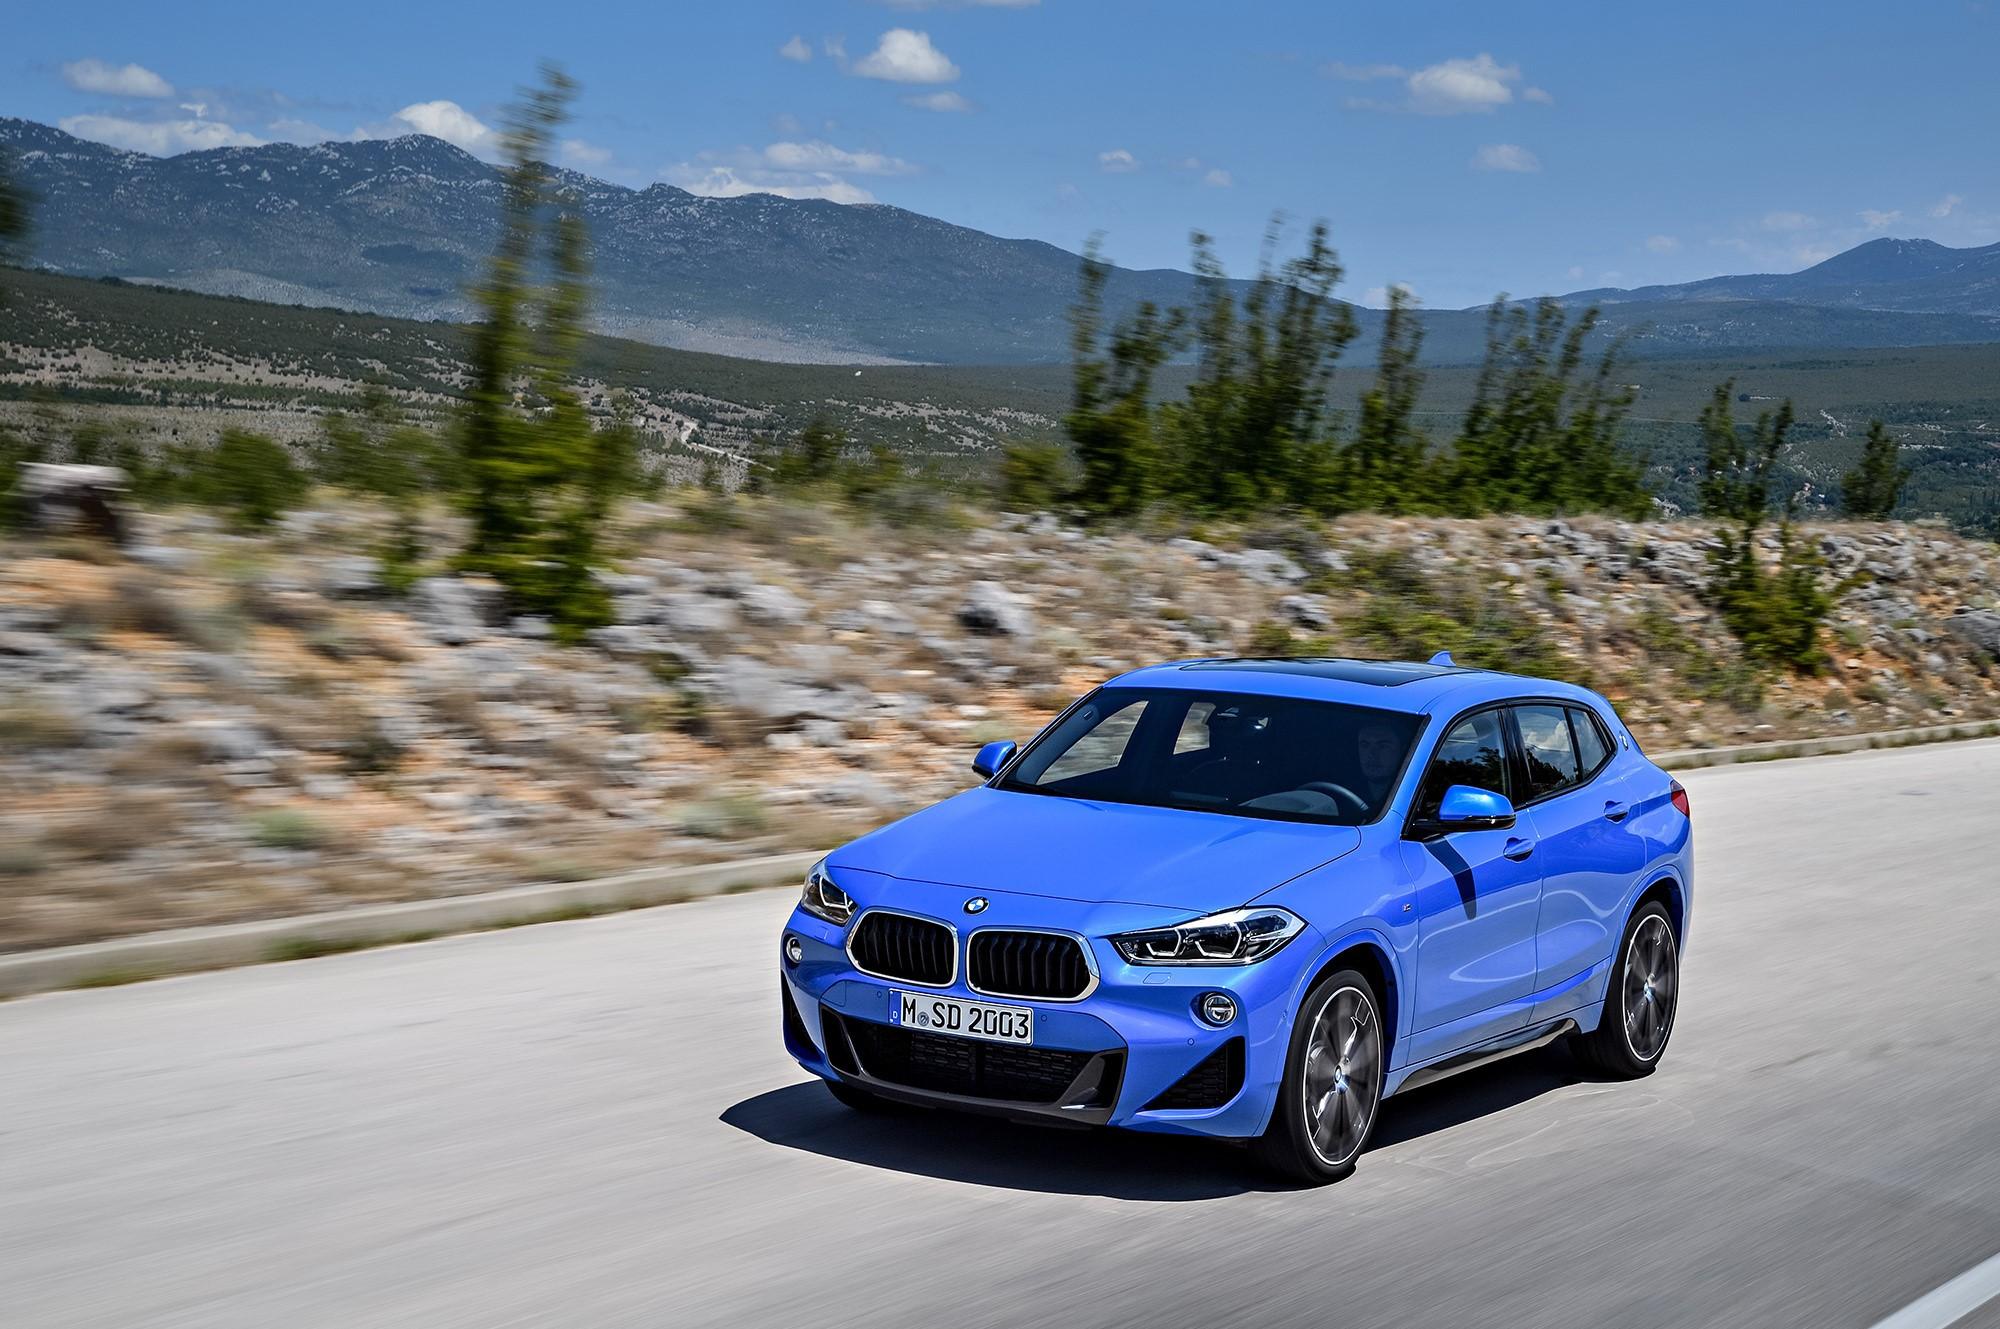 Blue BMW X2